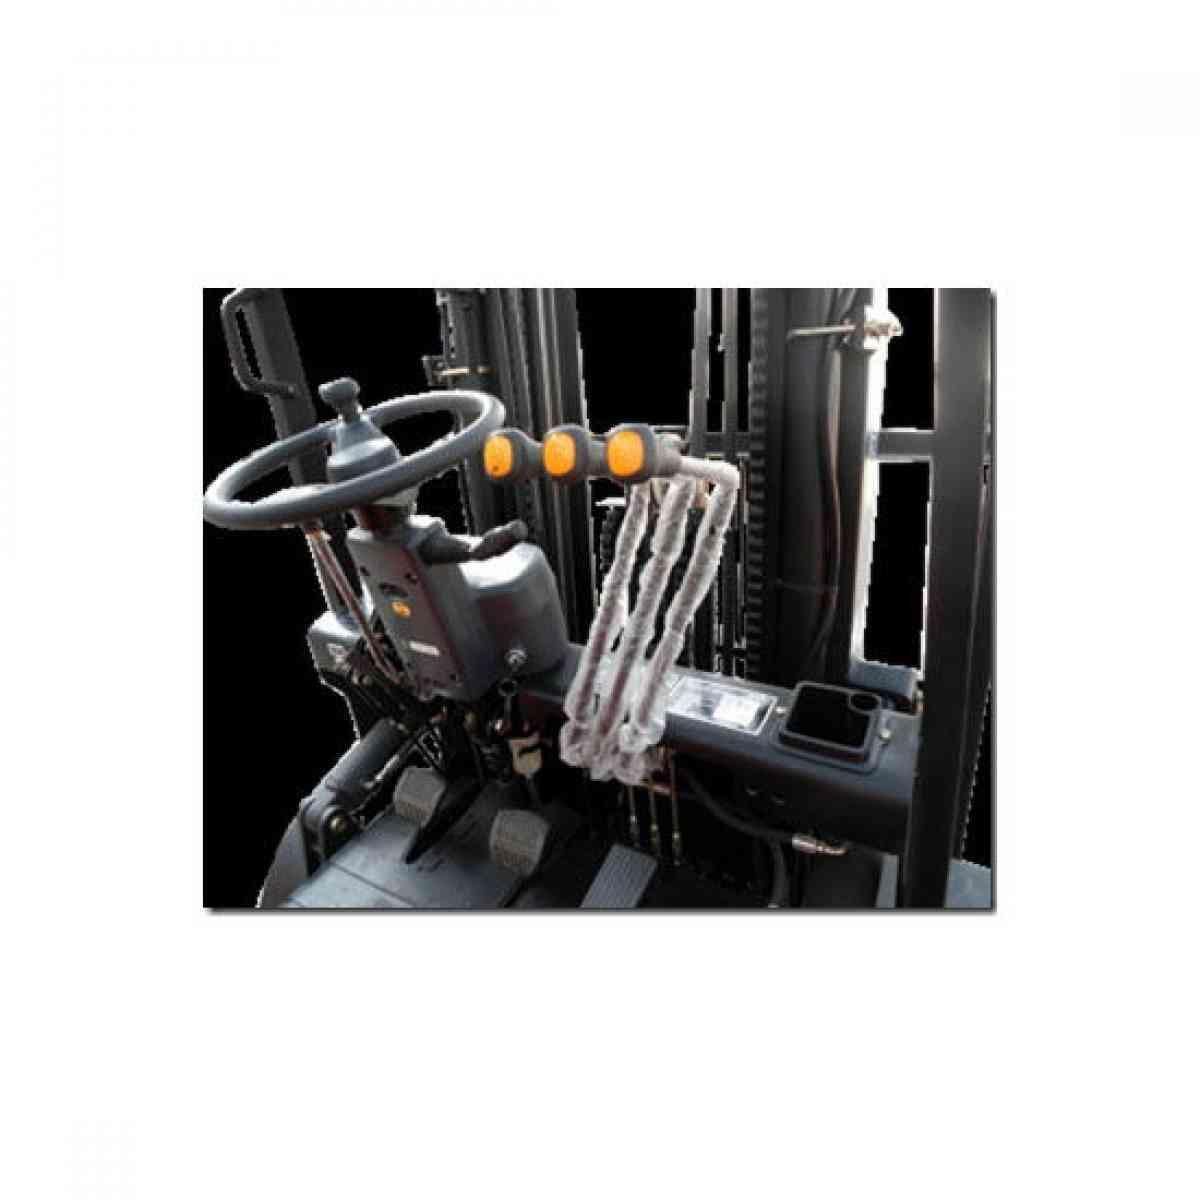 Empilhadeira à Diesel 3 Toneladas 4,5 Metros 3 Estágios FZBR35D-3E Forza